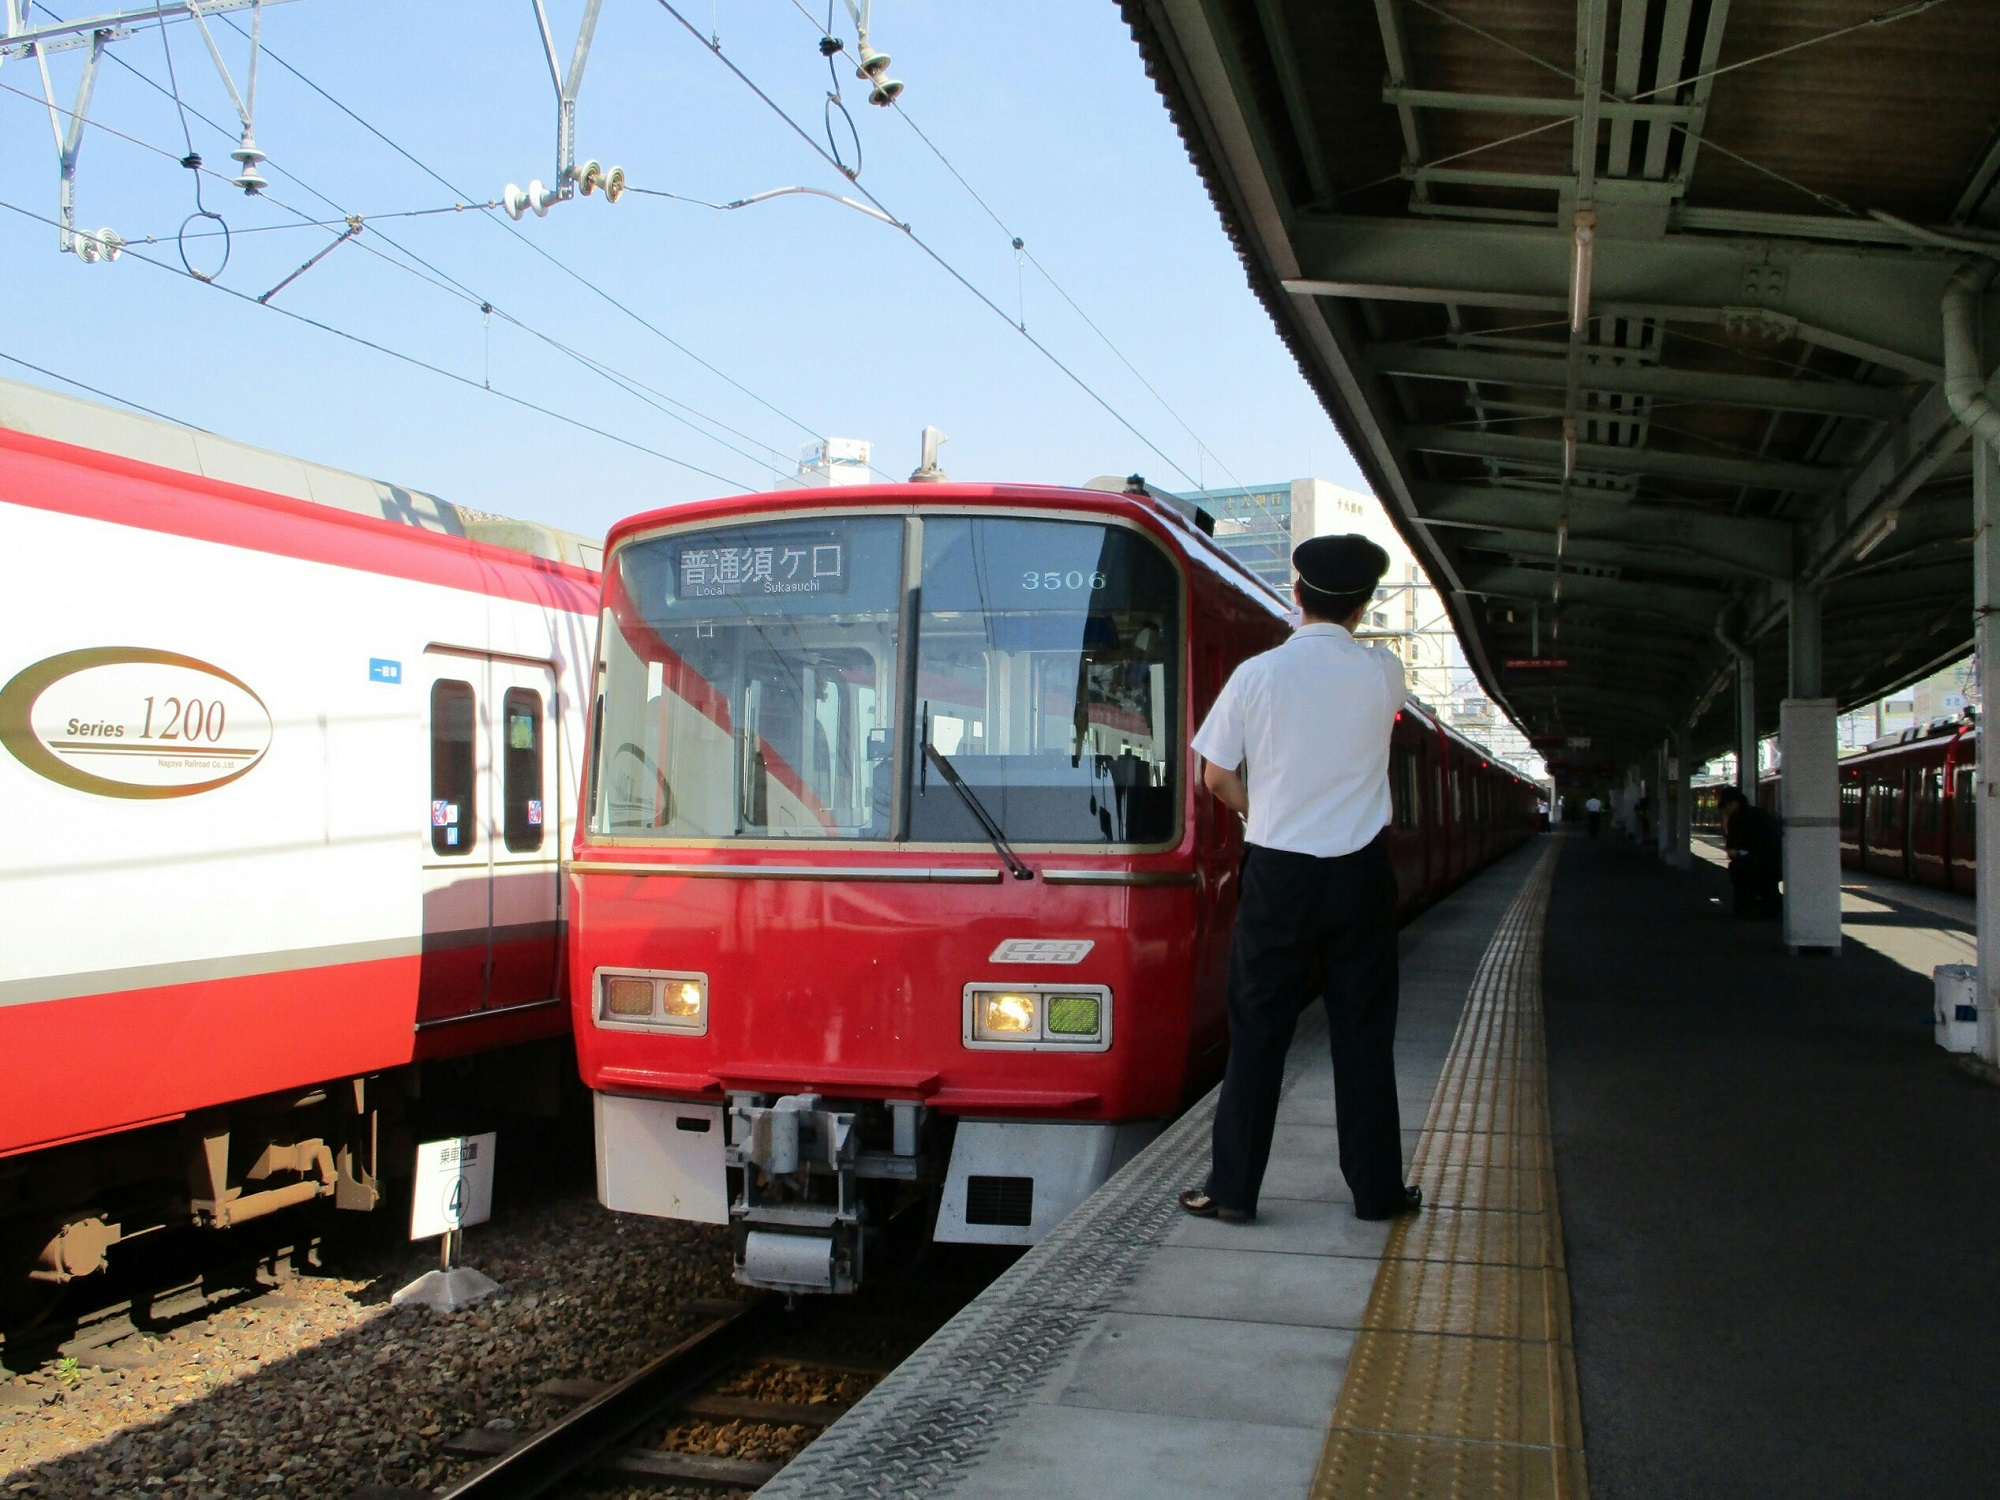 2018.7.18 (4) 岐阜 - 須ヶ口いきふつう 2000-1500